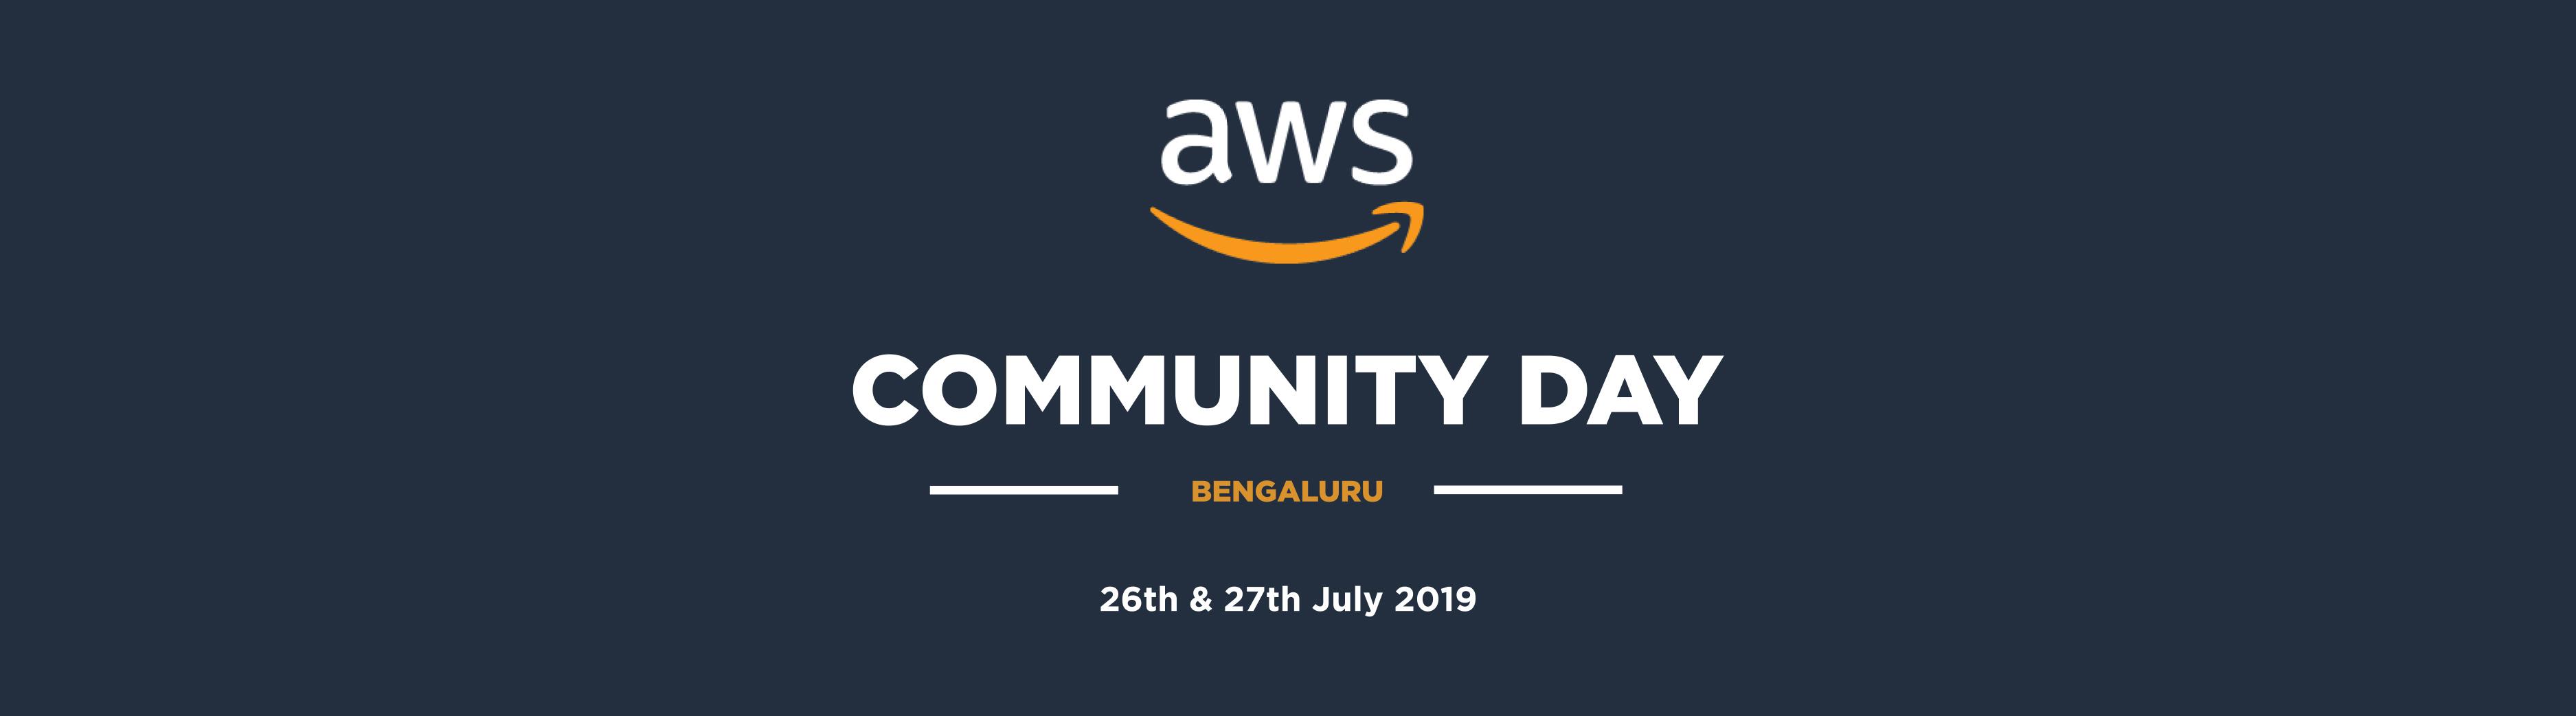 AWS Community Day - Bengaluru